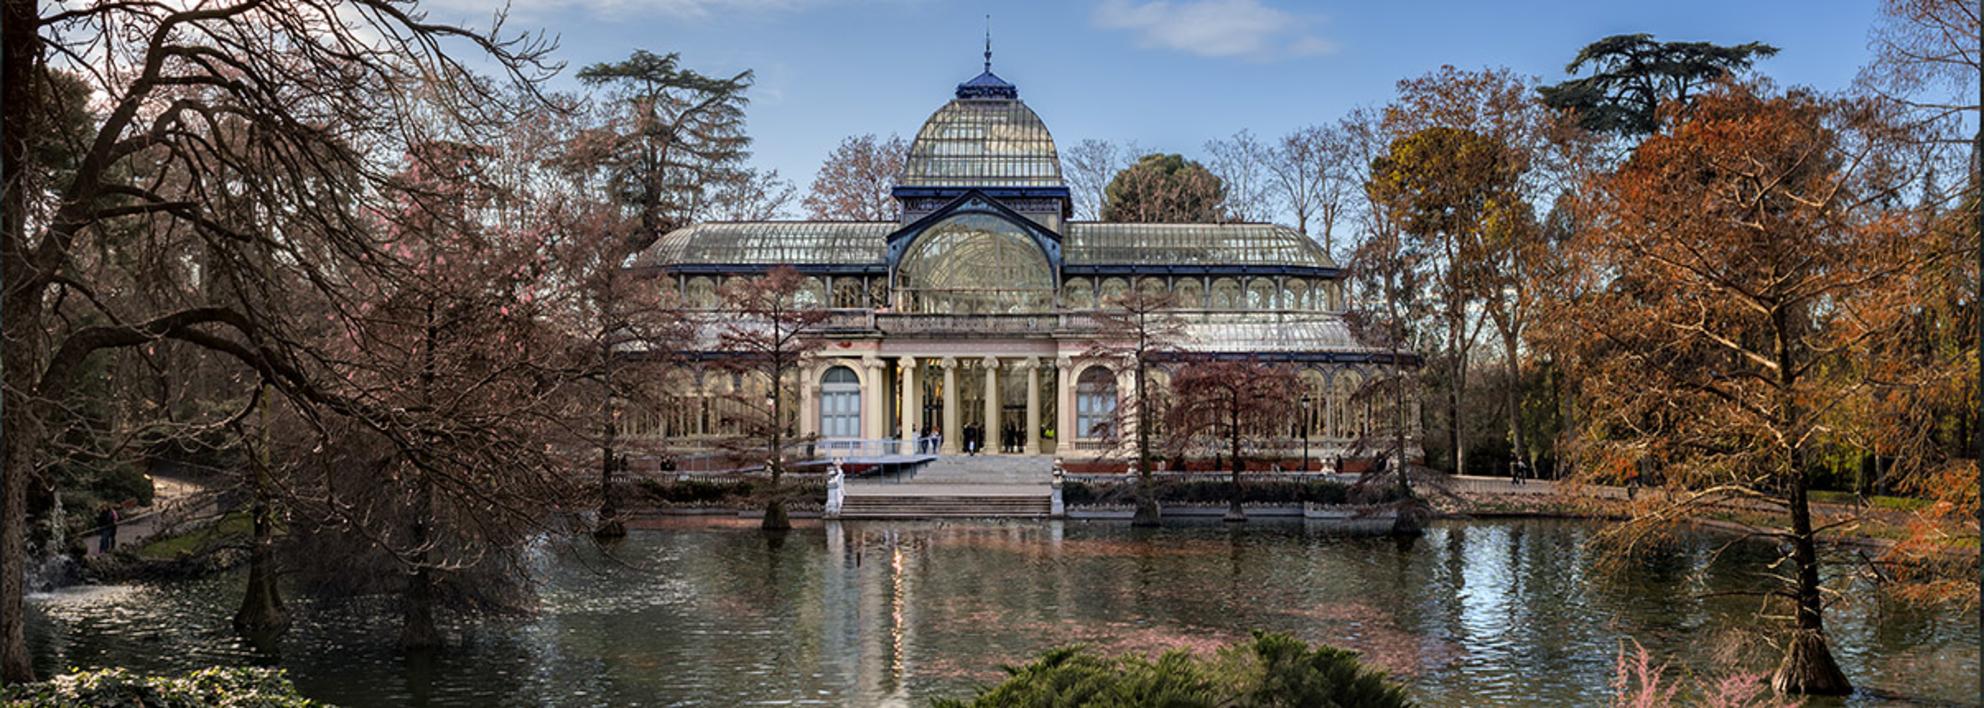 Palacio de Cristal   (dos tamaños) |Fotografía de Leticia Felgueroso | Compra arte en Flecha.es